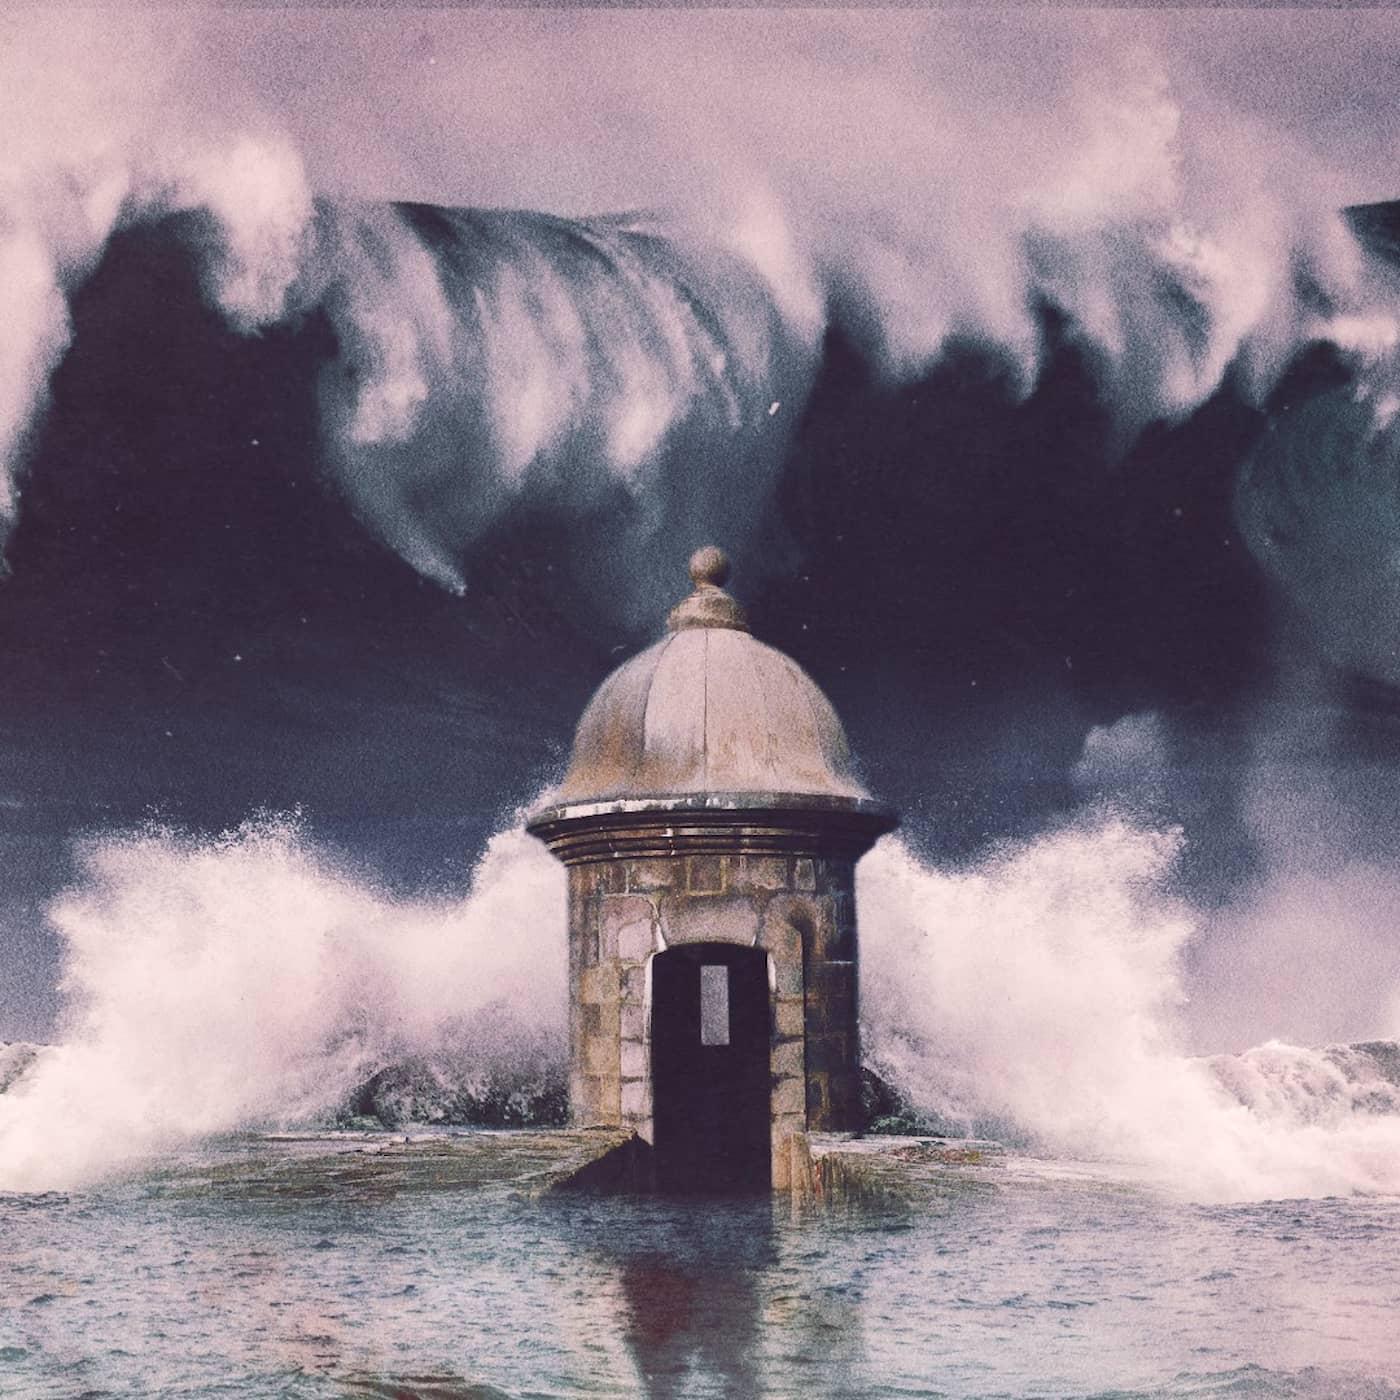 Det kommande skalvet - om jordbävningar och tsunamier